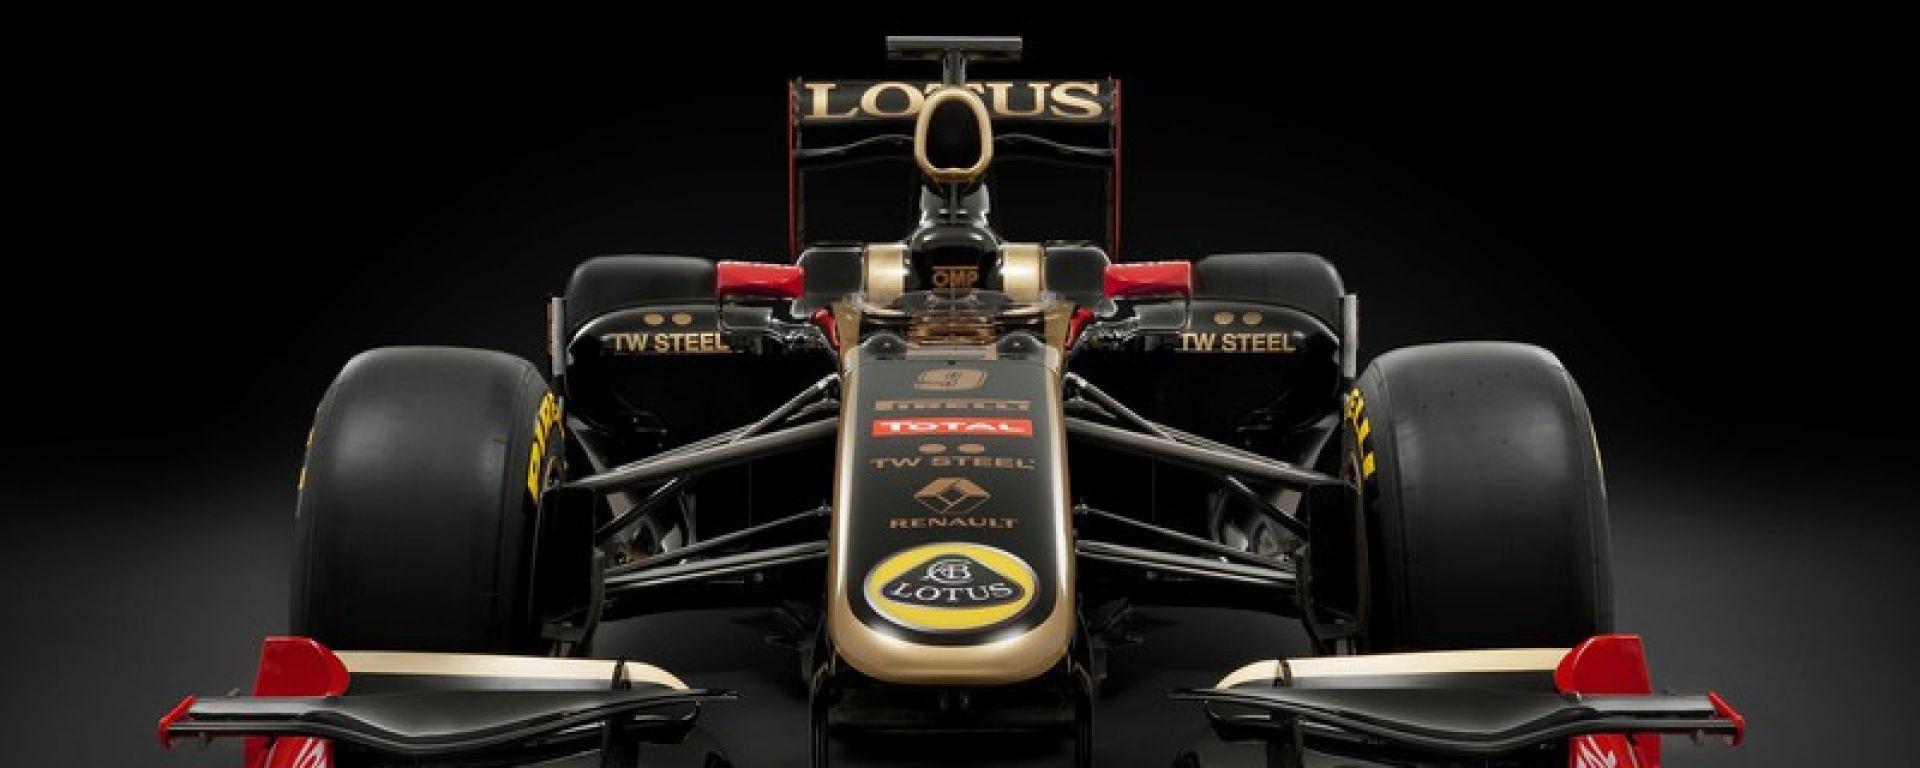 Lotus-Renault R31